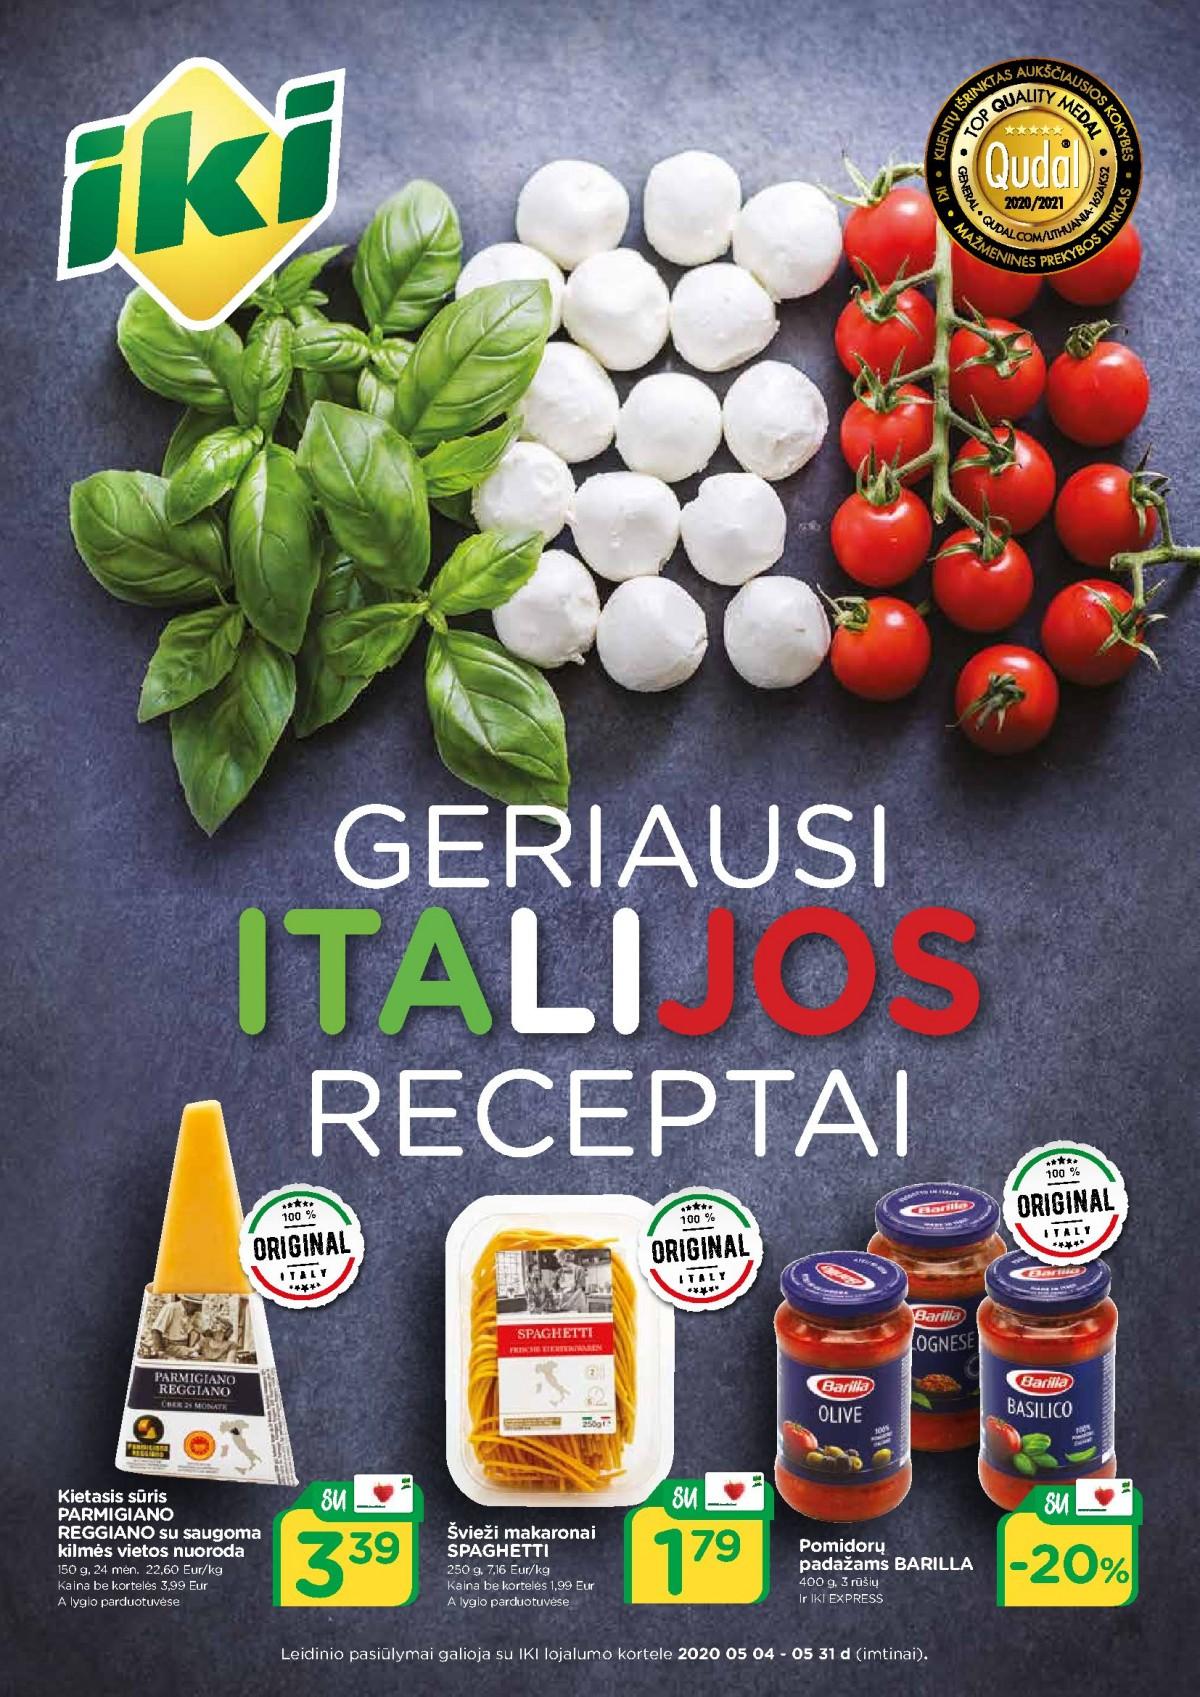 Geriausi Italijos receptai page 1